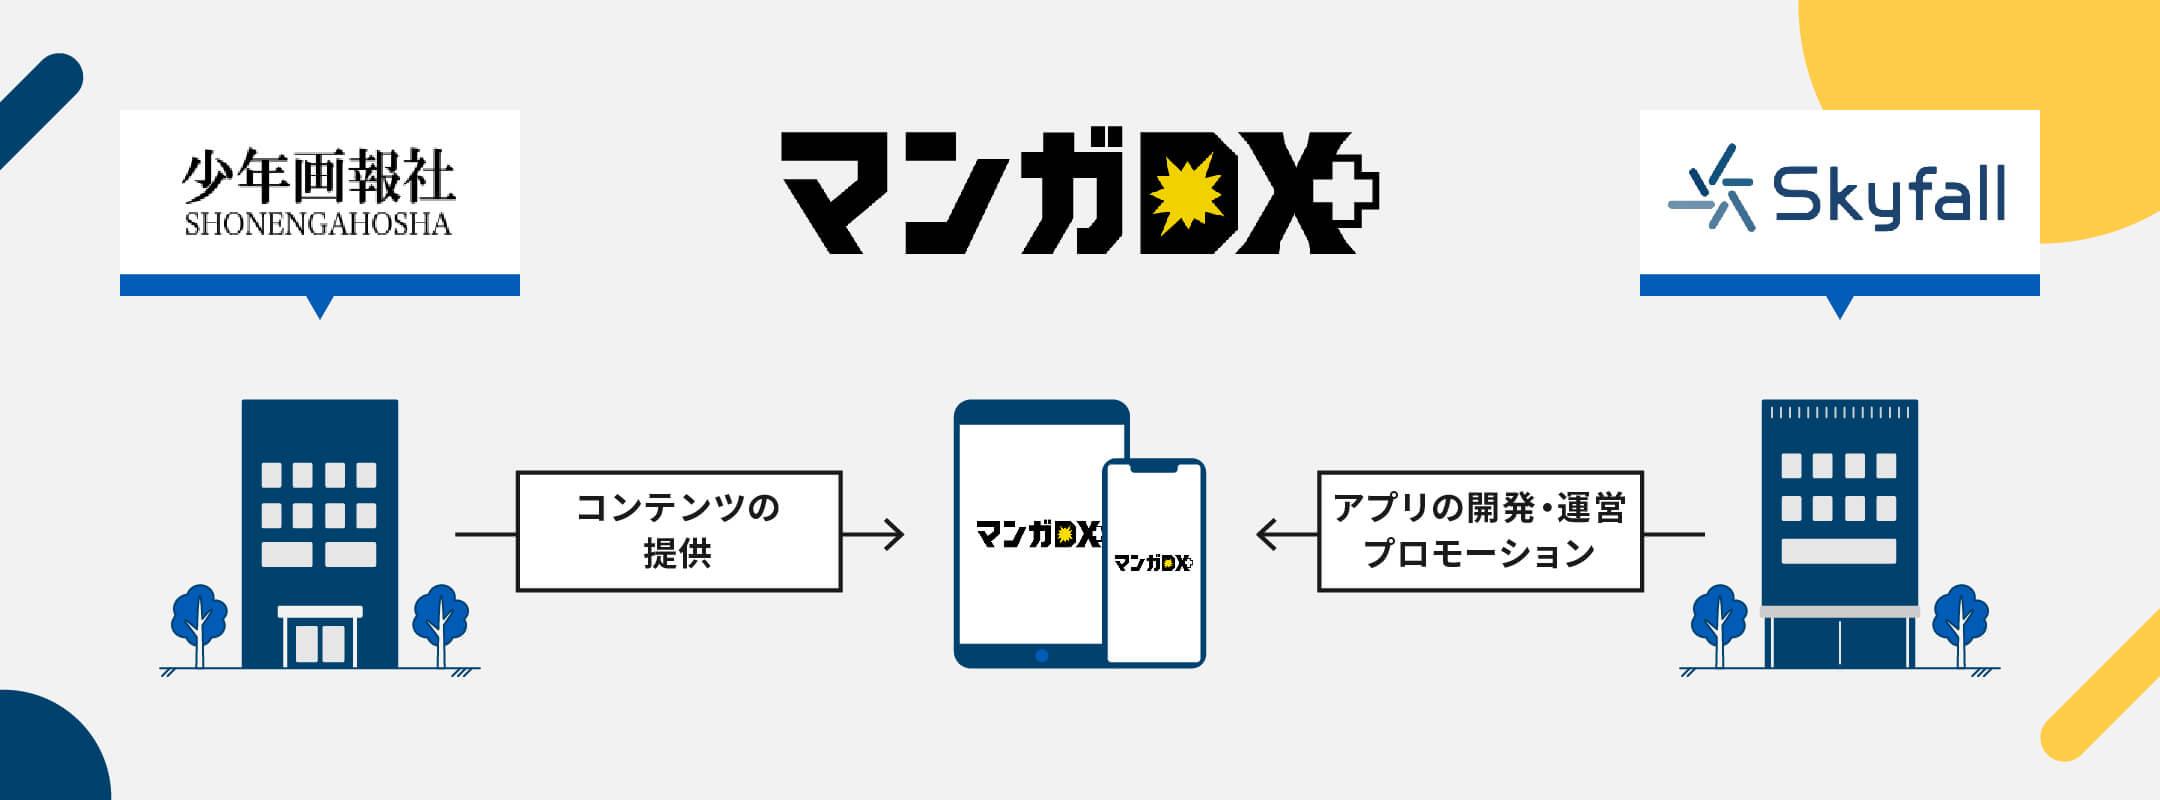 「漫画DX+」チーム体制